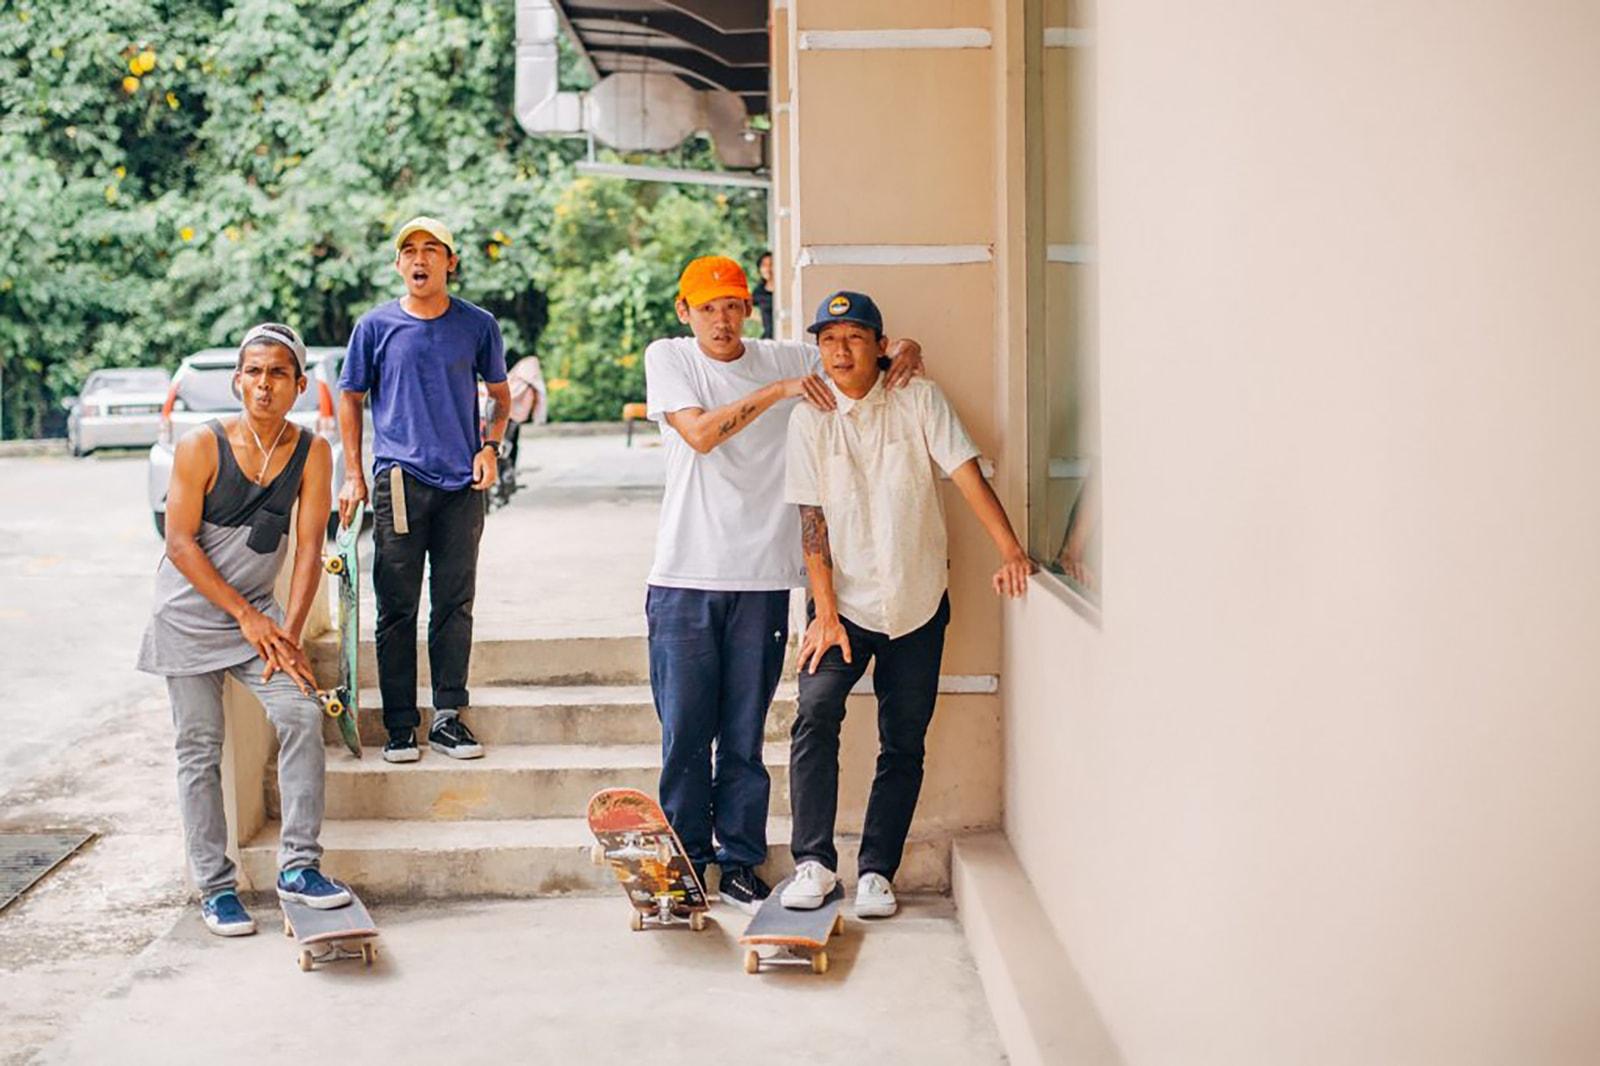 從 4 位滑板人的創業故事出發,看滑板市場的現狀